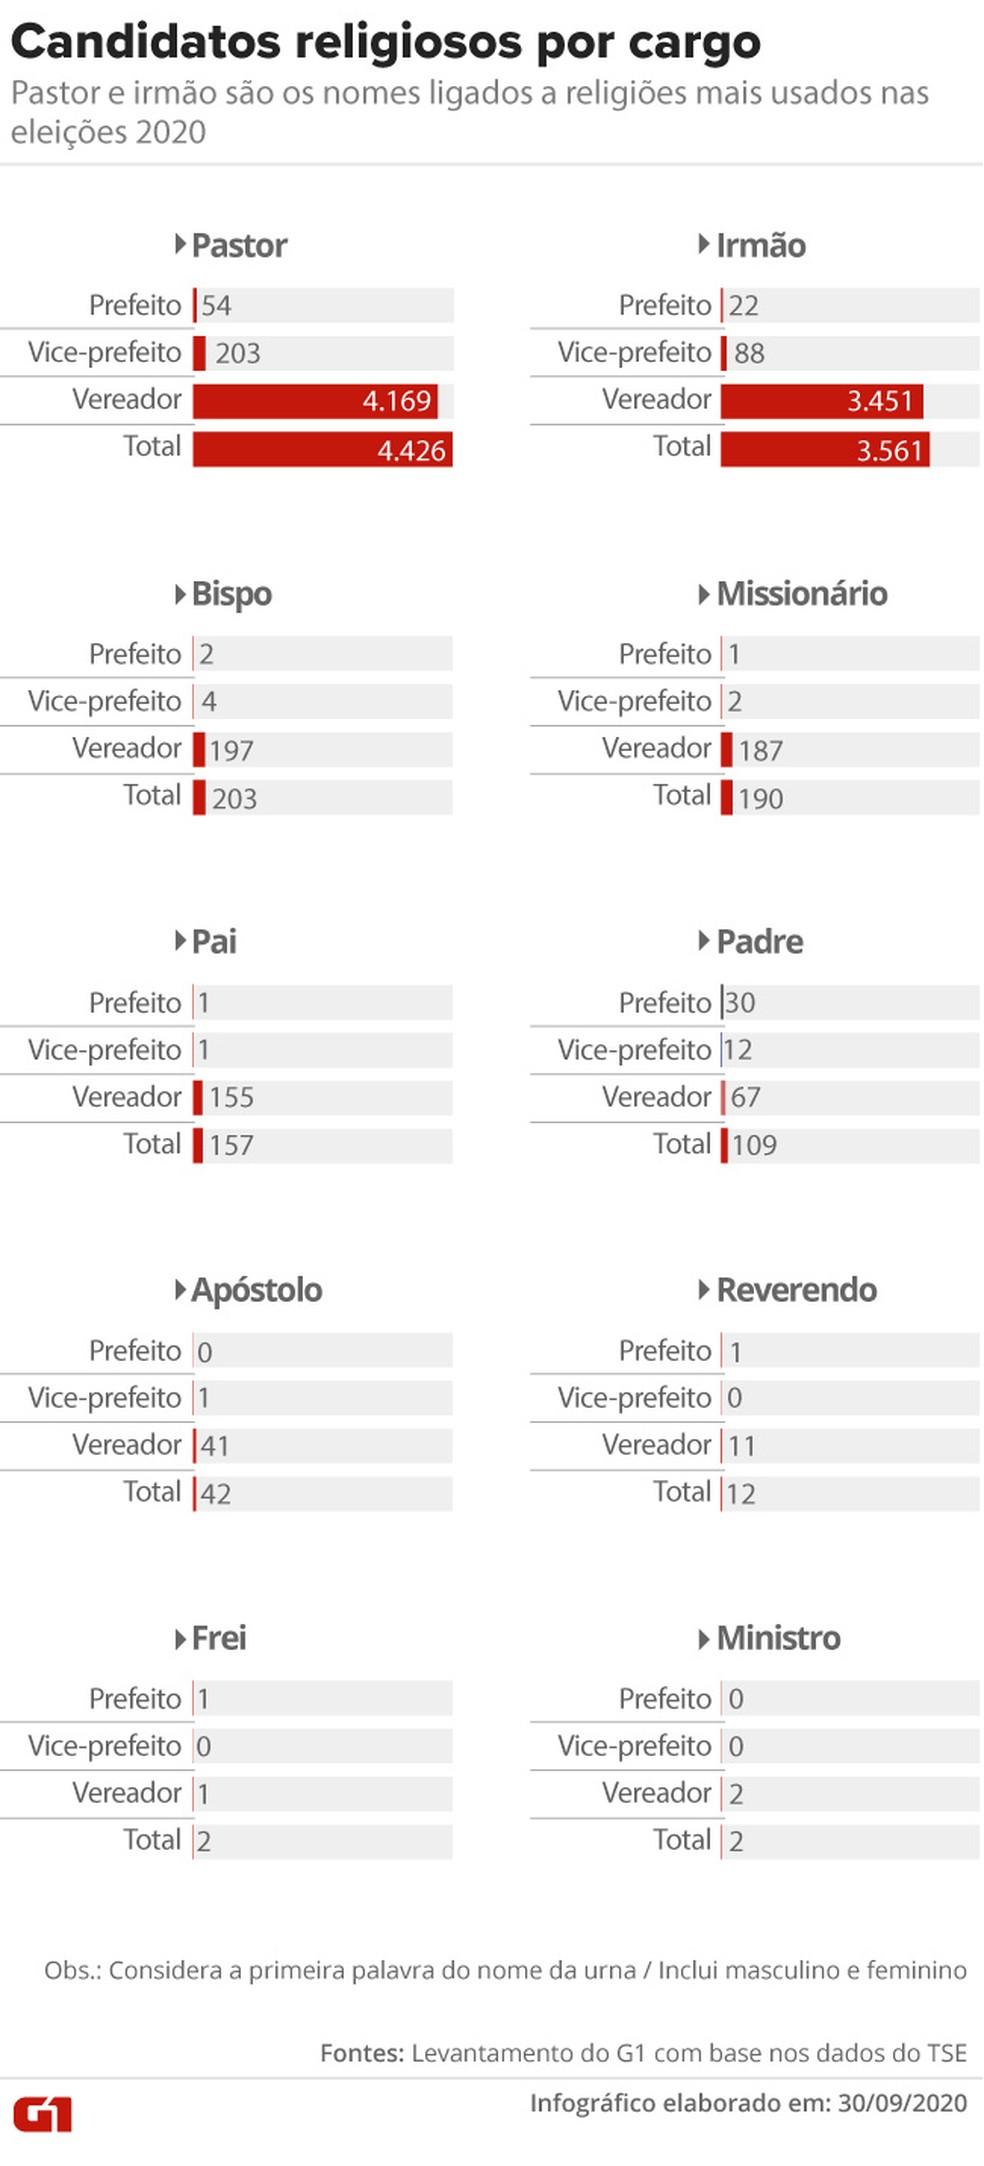 Candidatos com nomes ligados a religiões por cargo disputado nas eleições 2020 — Foto: Aparecido Gonçalves/G1